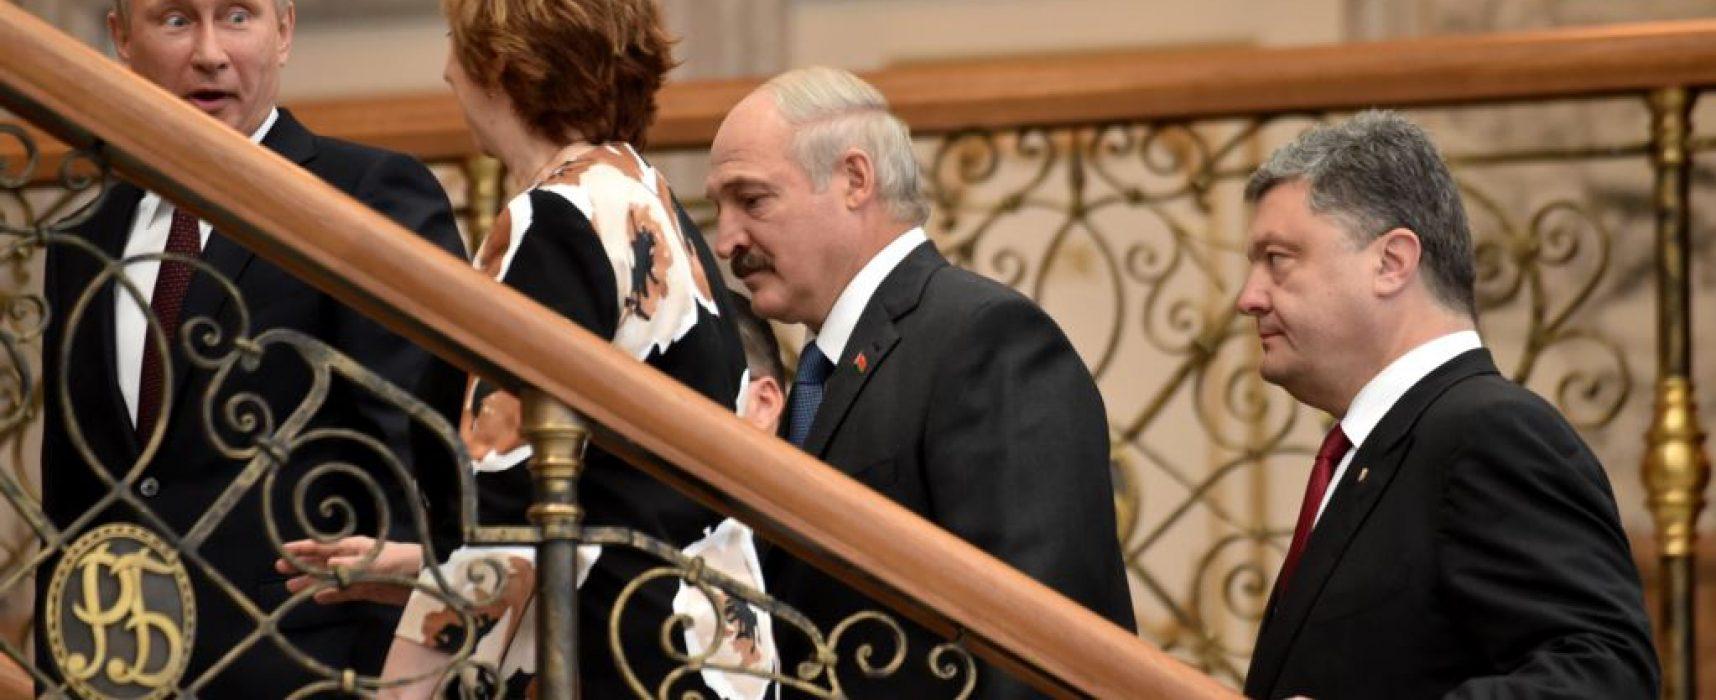 Внешняя политика как спецоперация. История дипломатии Путина, часть 2